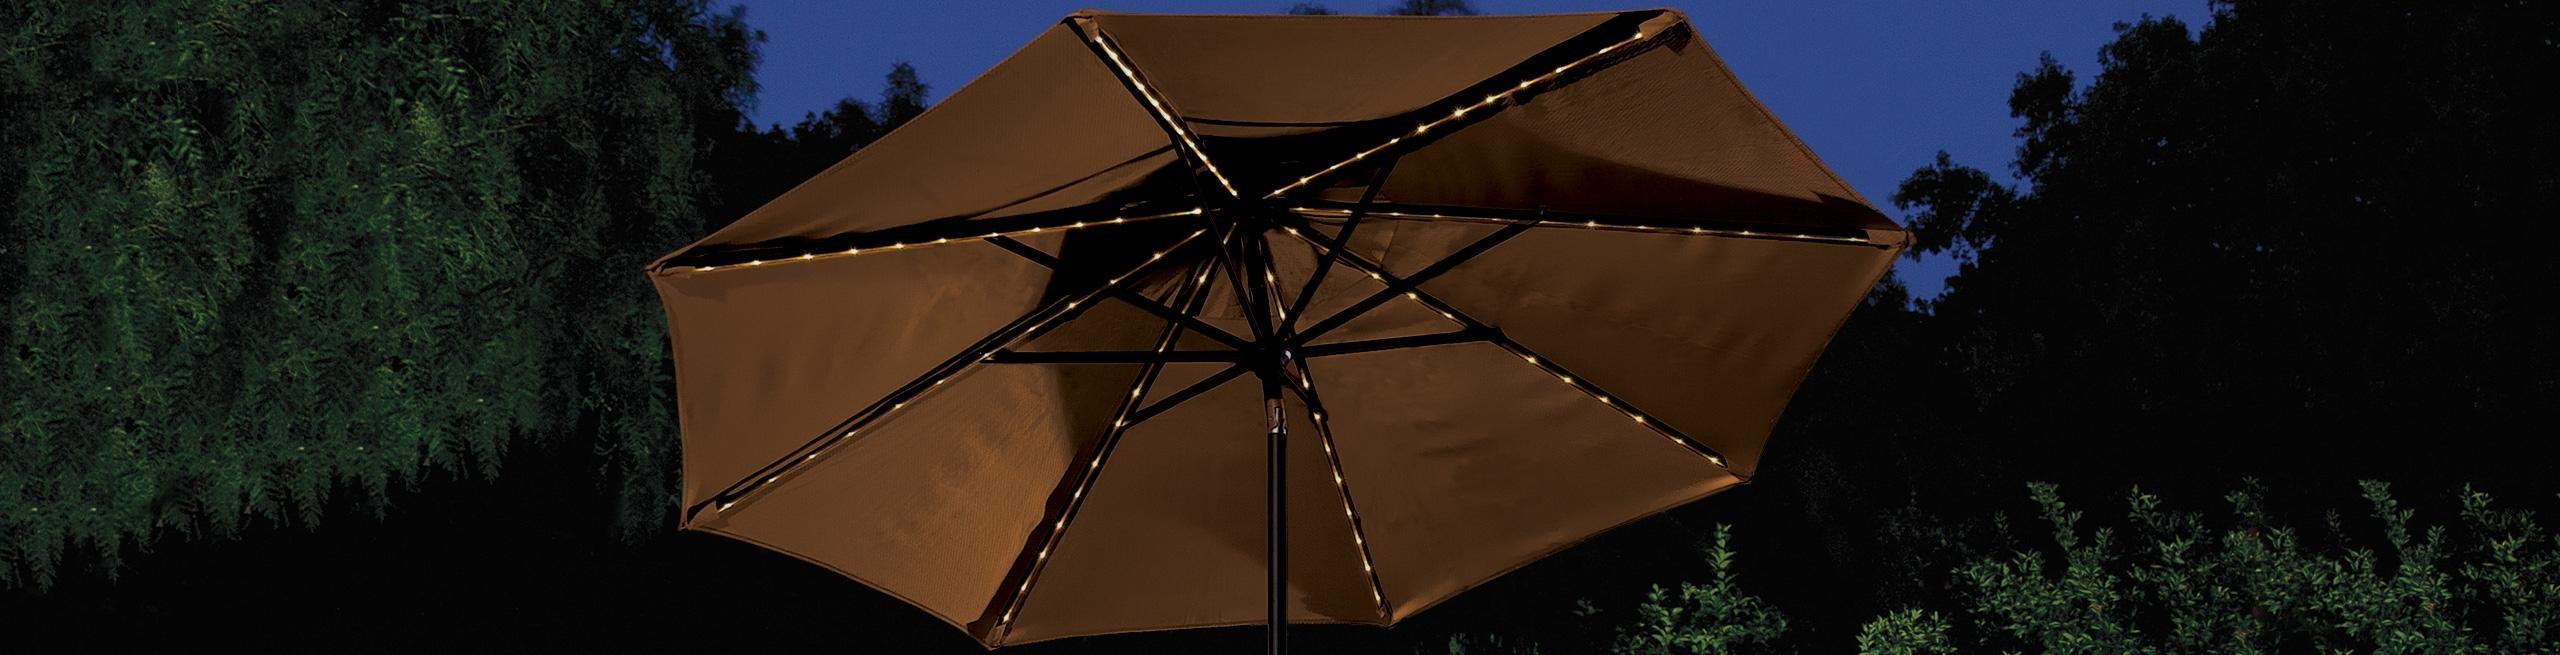 Recent Treasure Garden: Treasure Garden Umbrellas (Gallery 18 of 20)